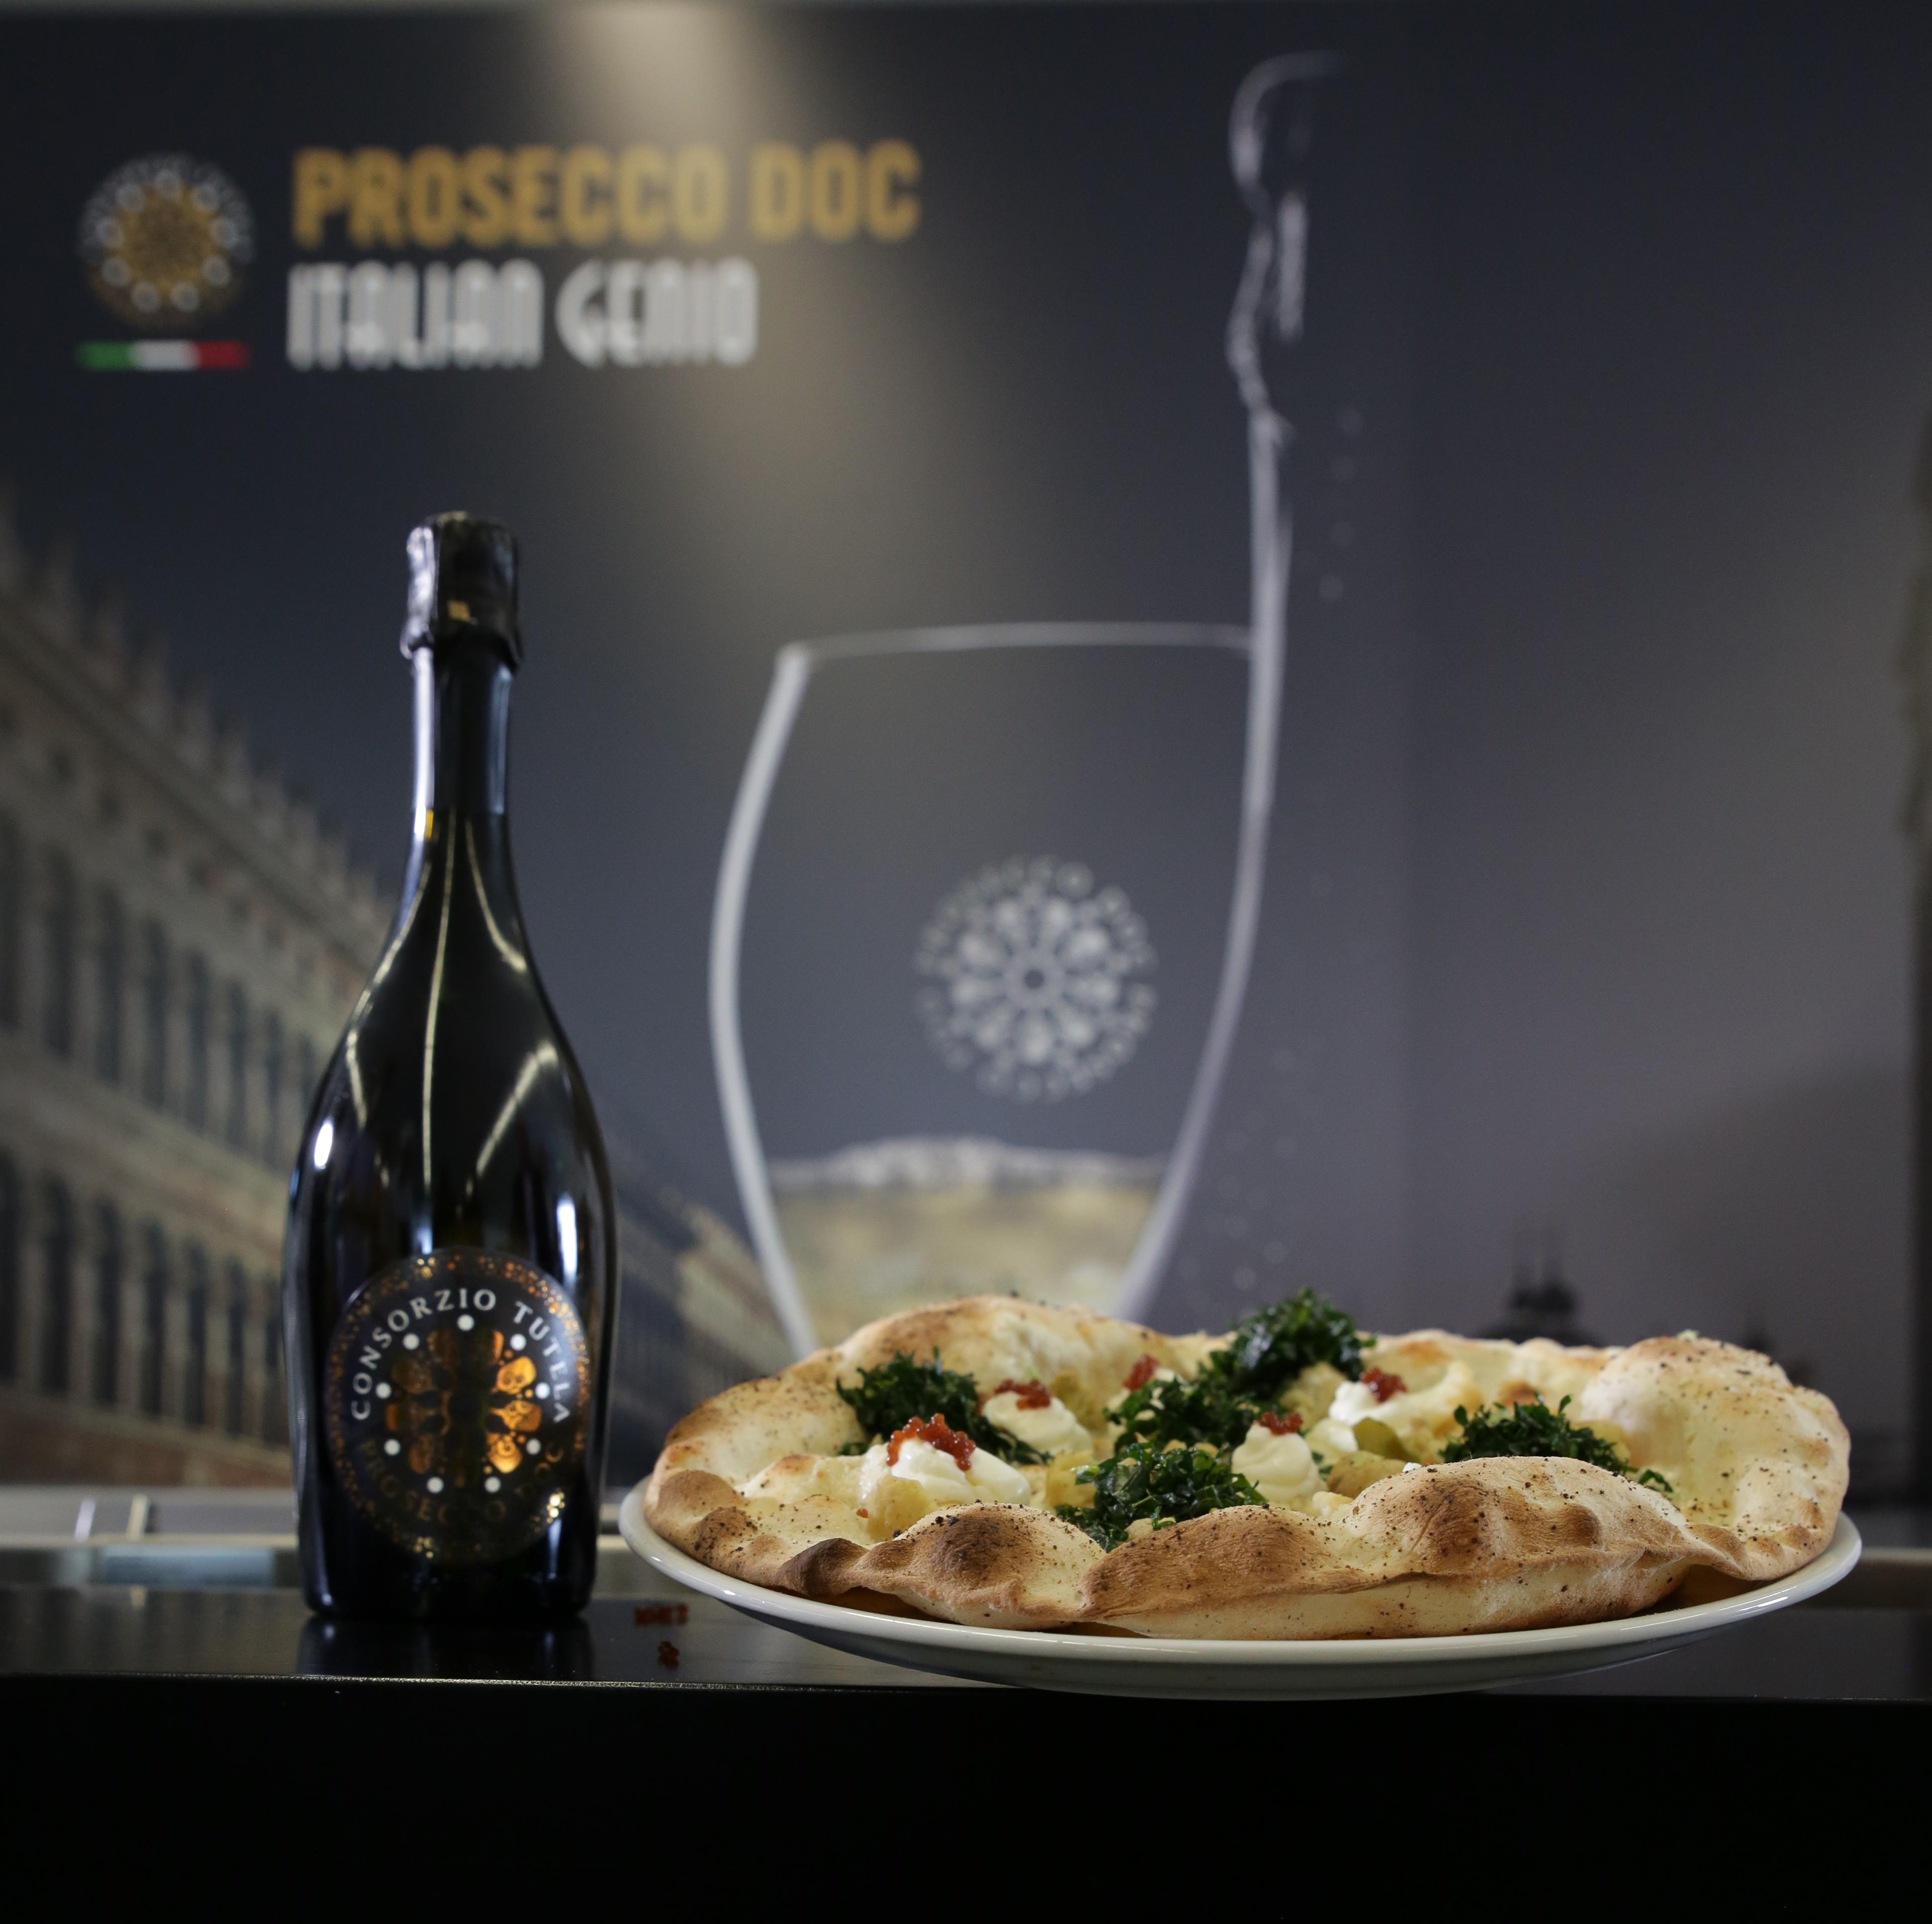 Pizza e Prosecco DOC